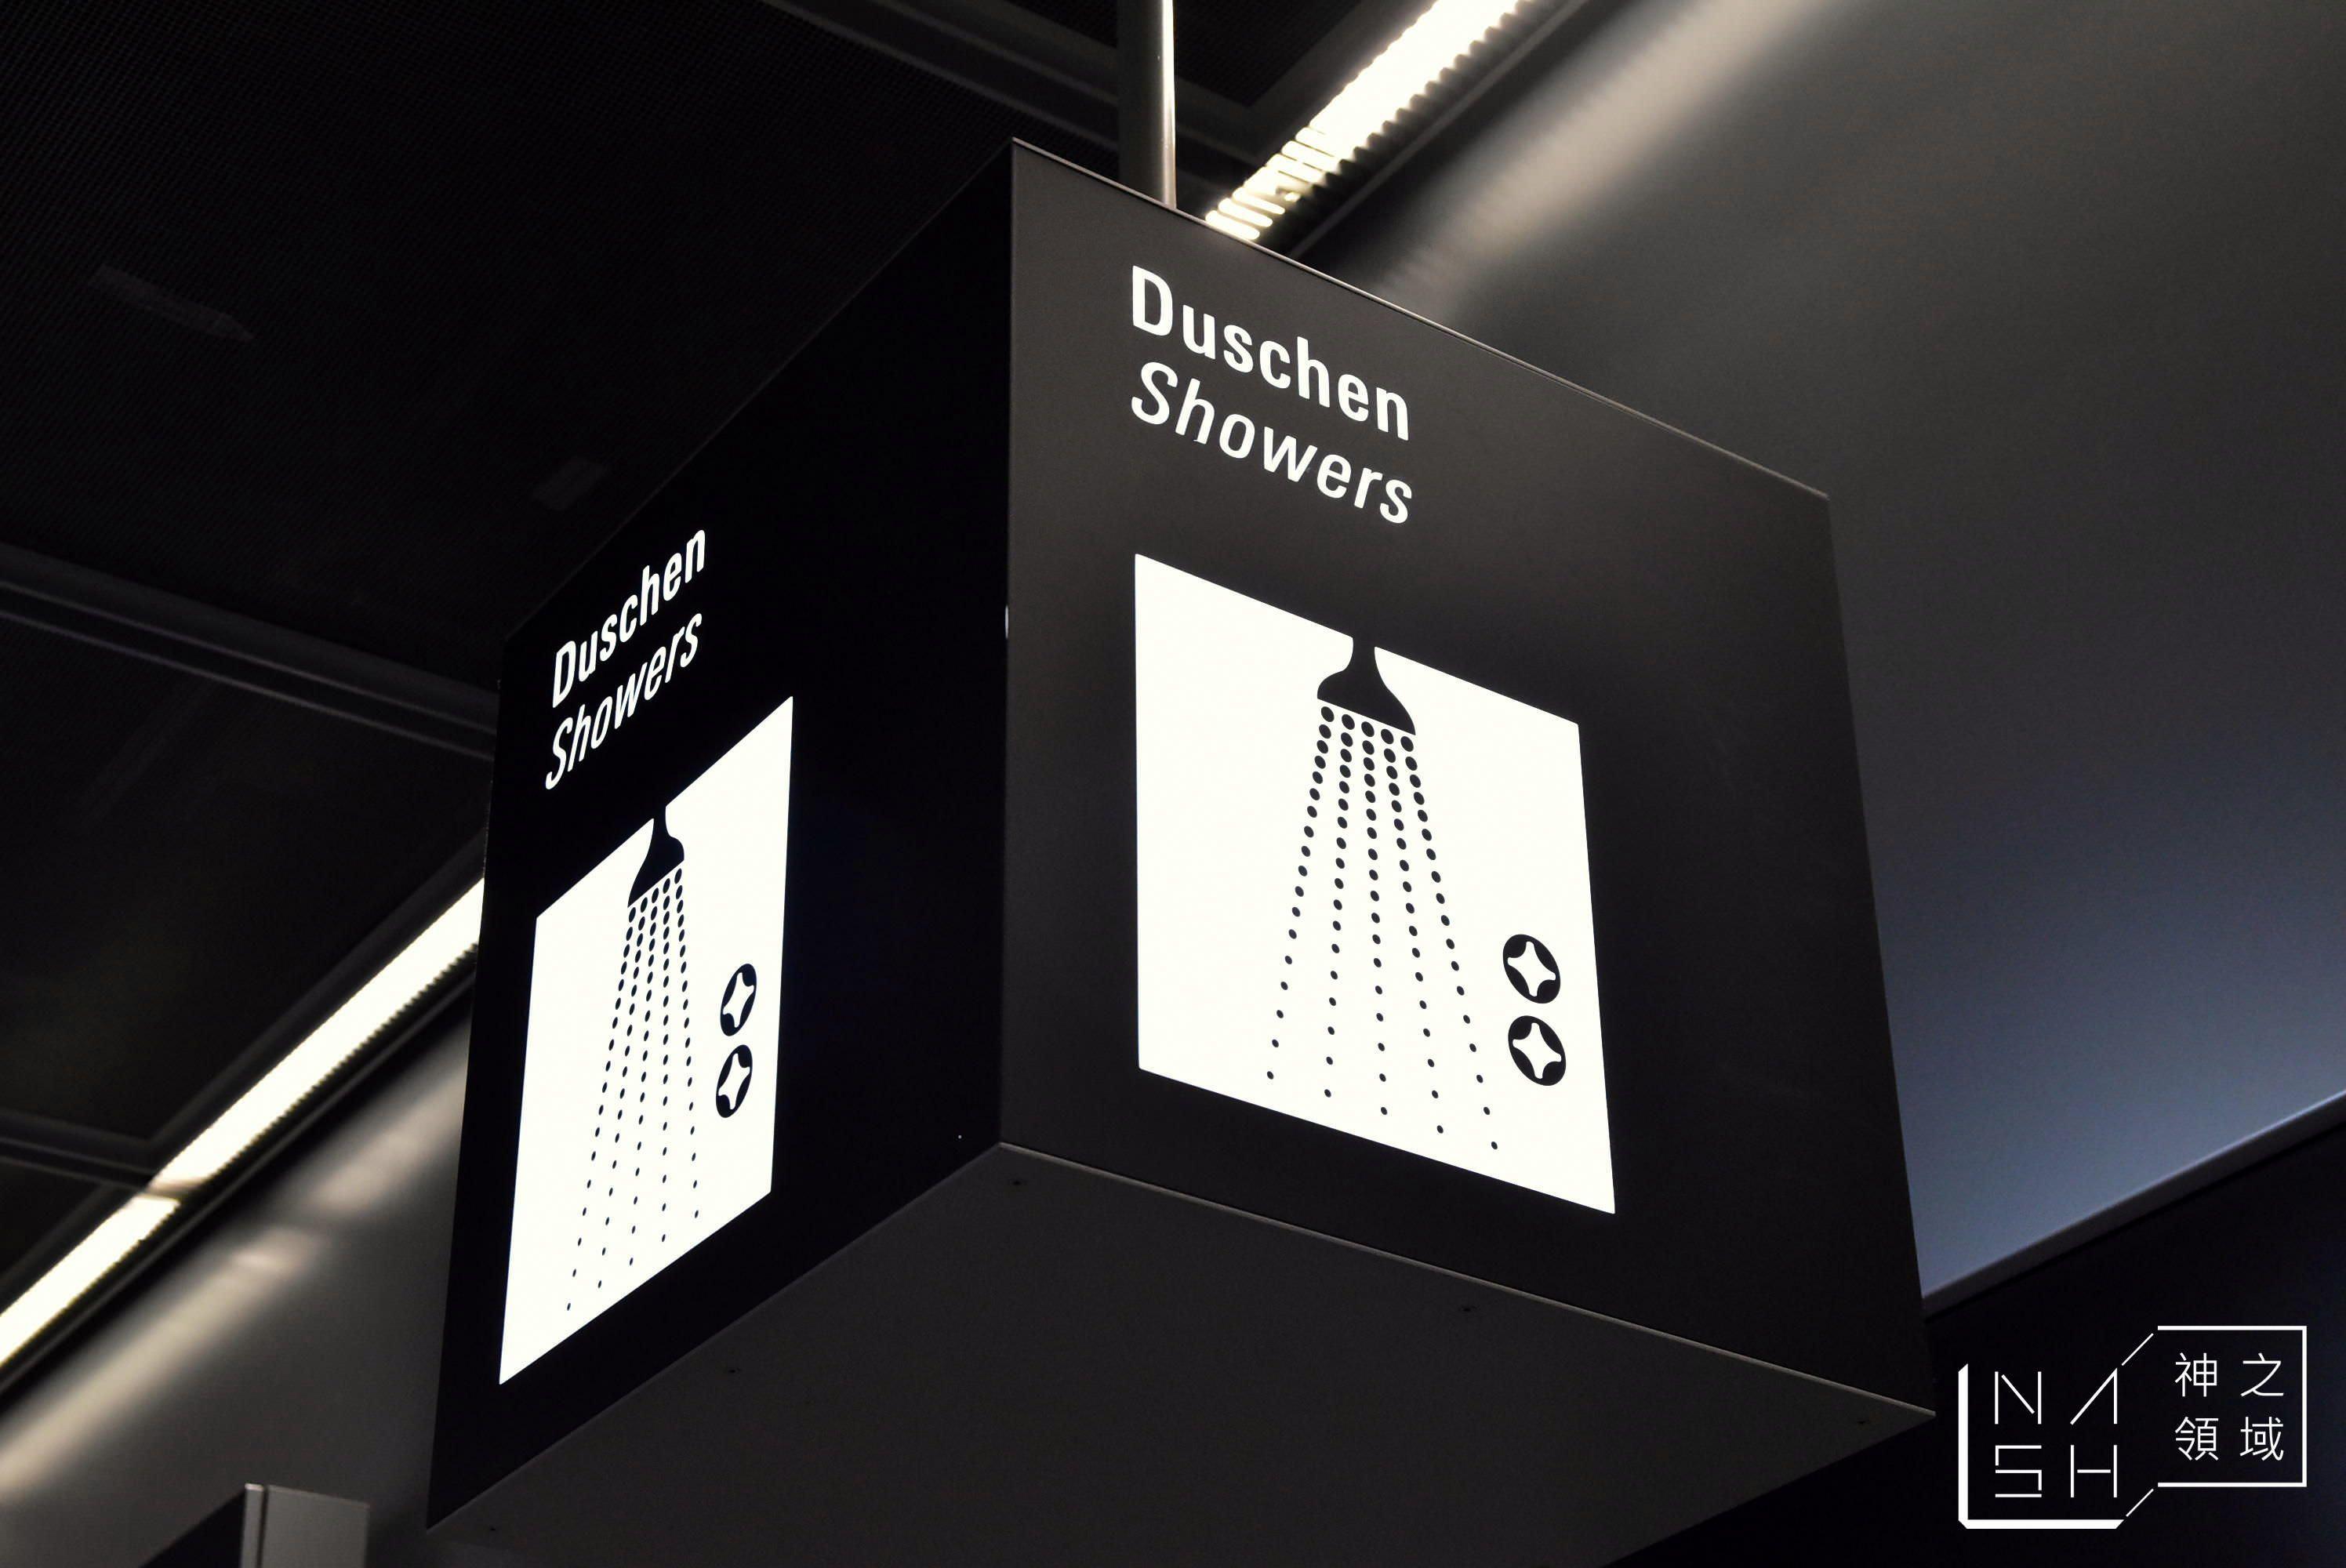 德國法蘭克福機場洗澡,德國轉機洗澡,Frankfurt Airport Showers @Nash,神之領域